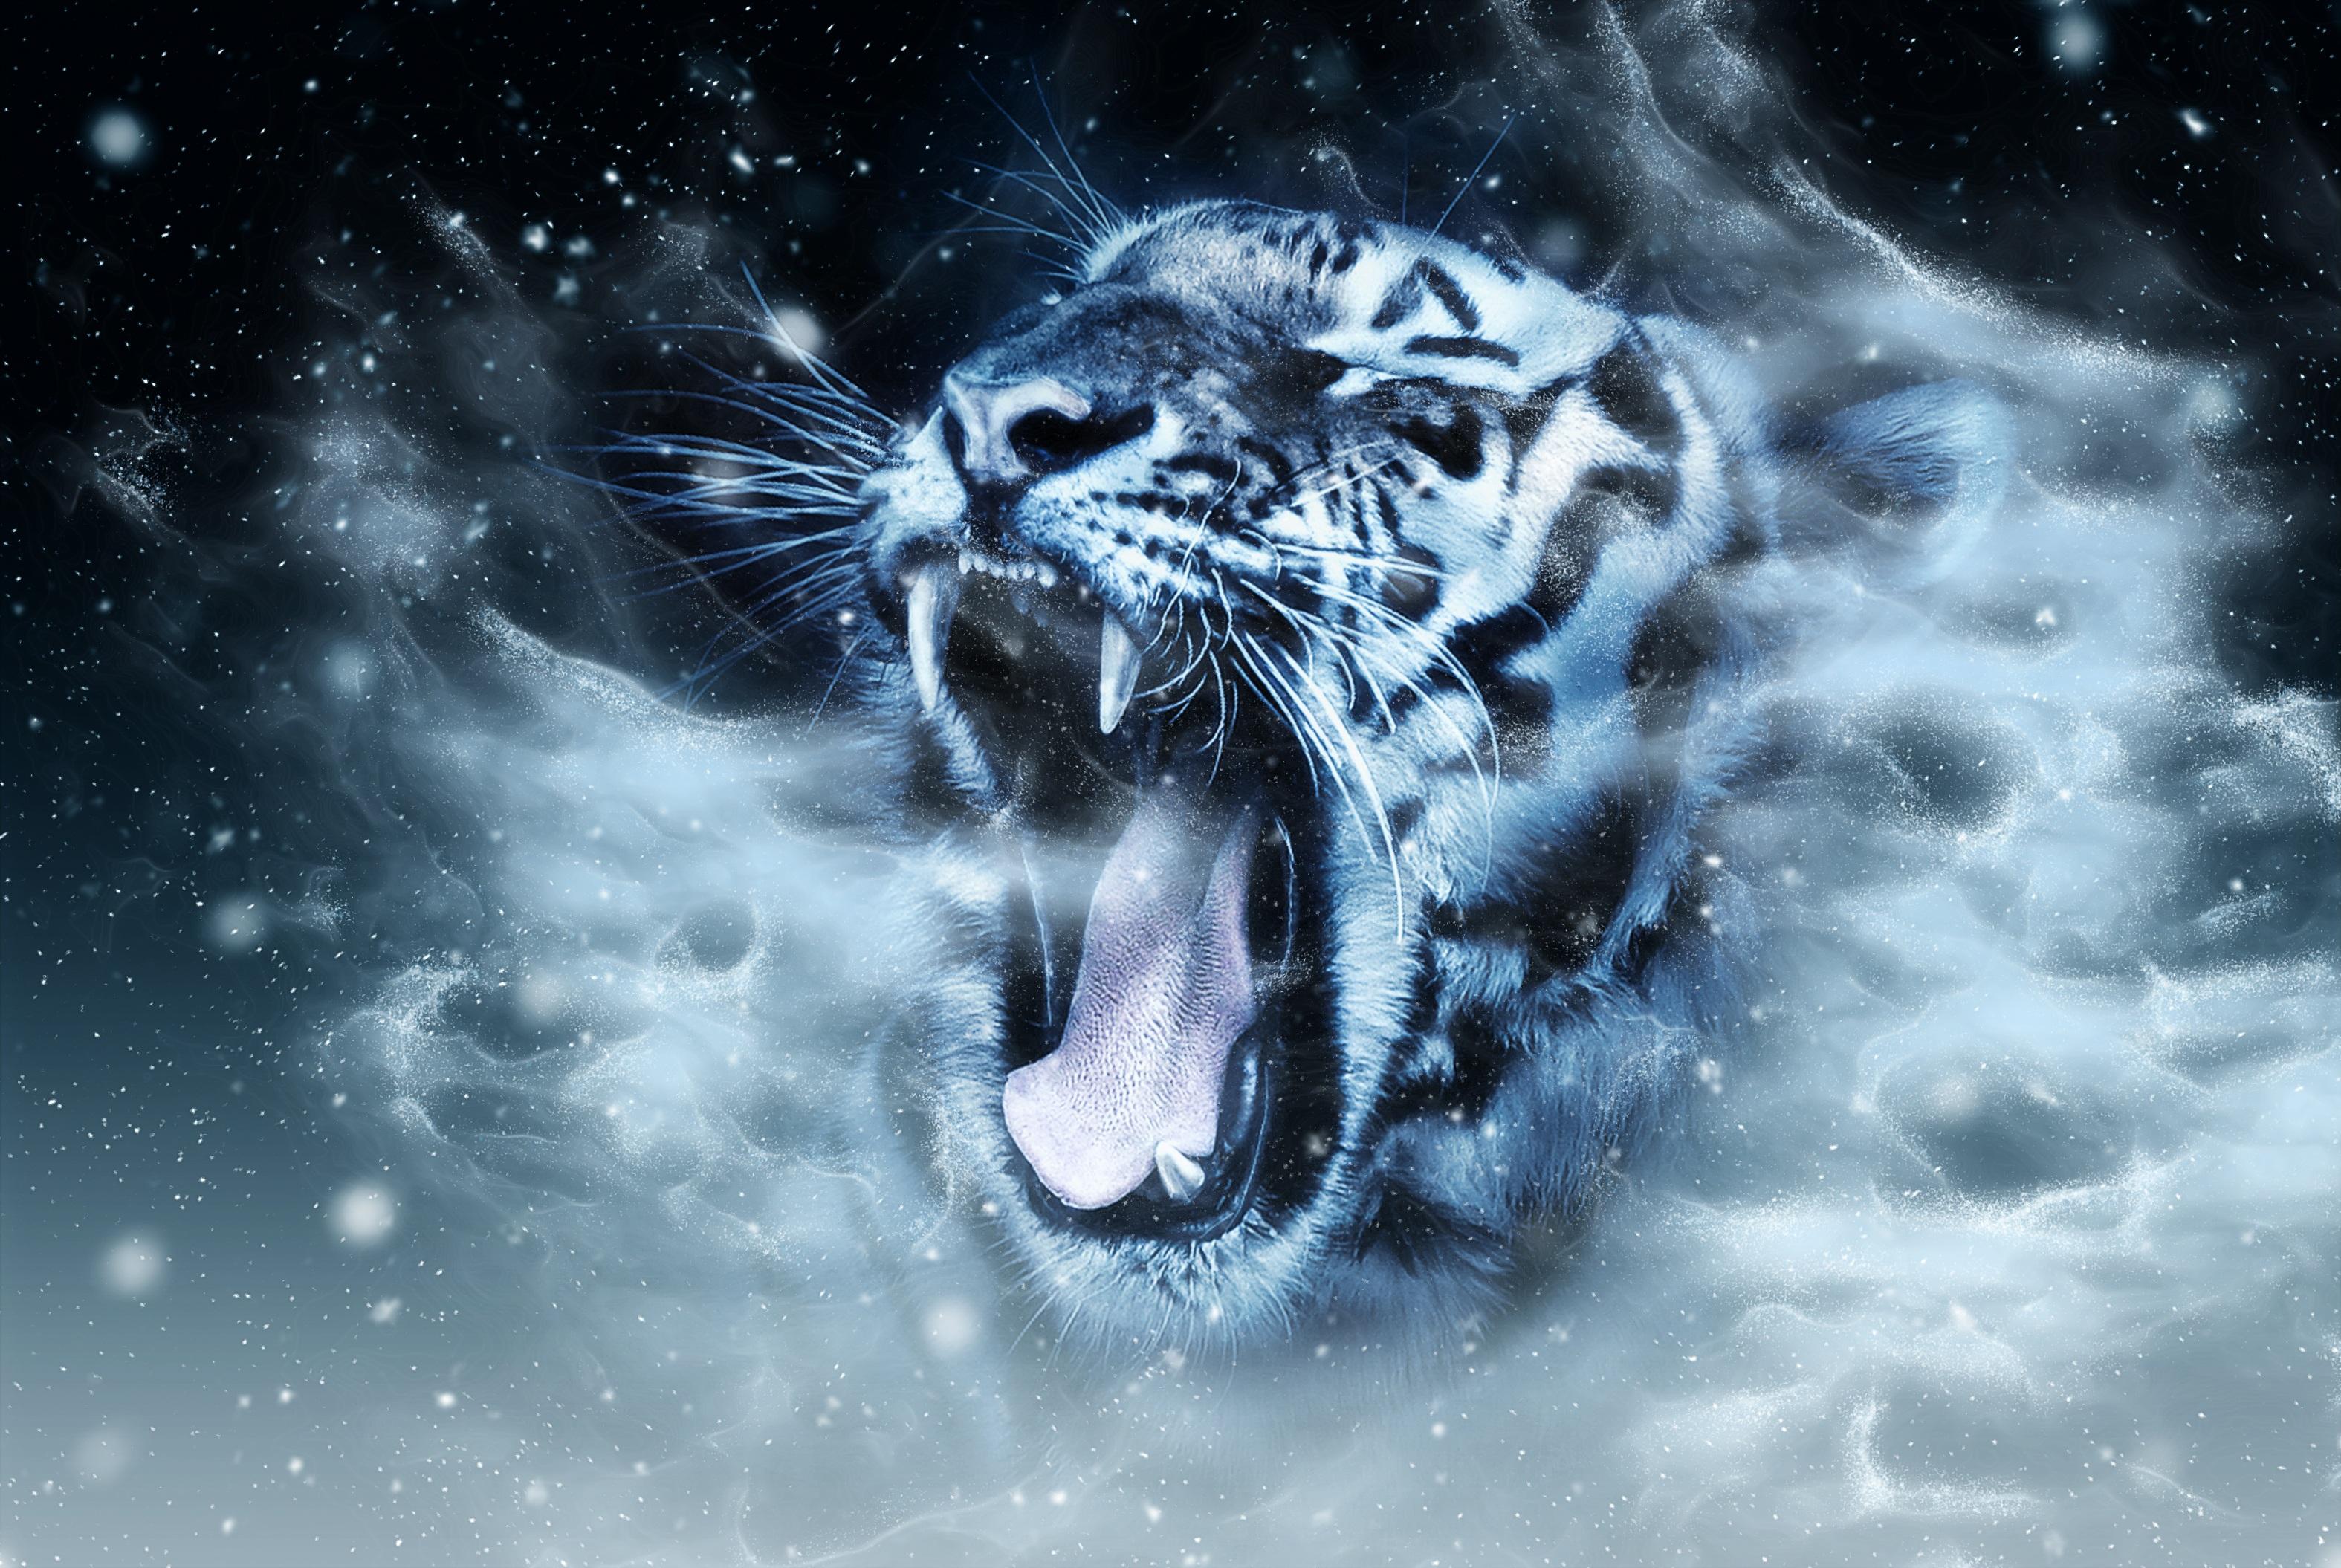 118323 Hintergrundbild herunterladen Tiere, Grinsen, Grin, Schnauze, Raubtier, Predator, Tiger, Photoshop - Bildschirmschoner und Bilder kostenlos